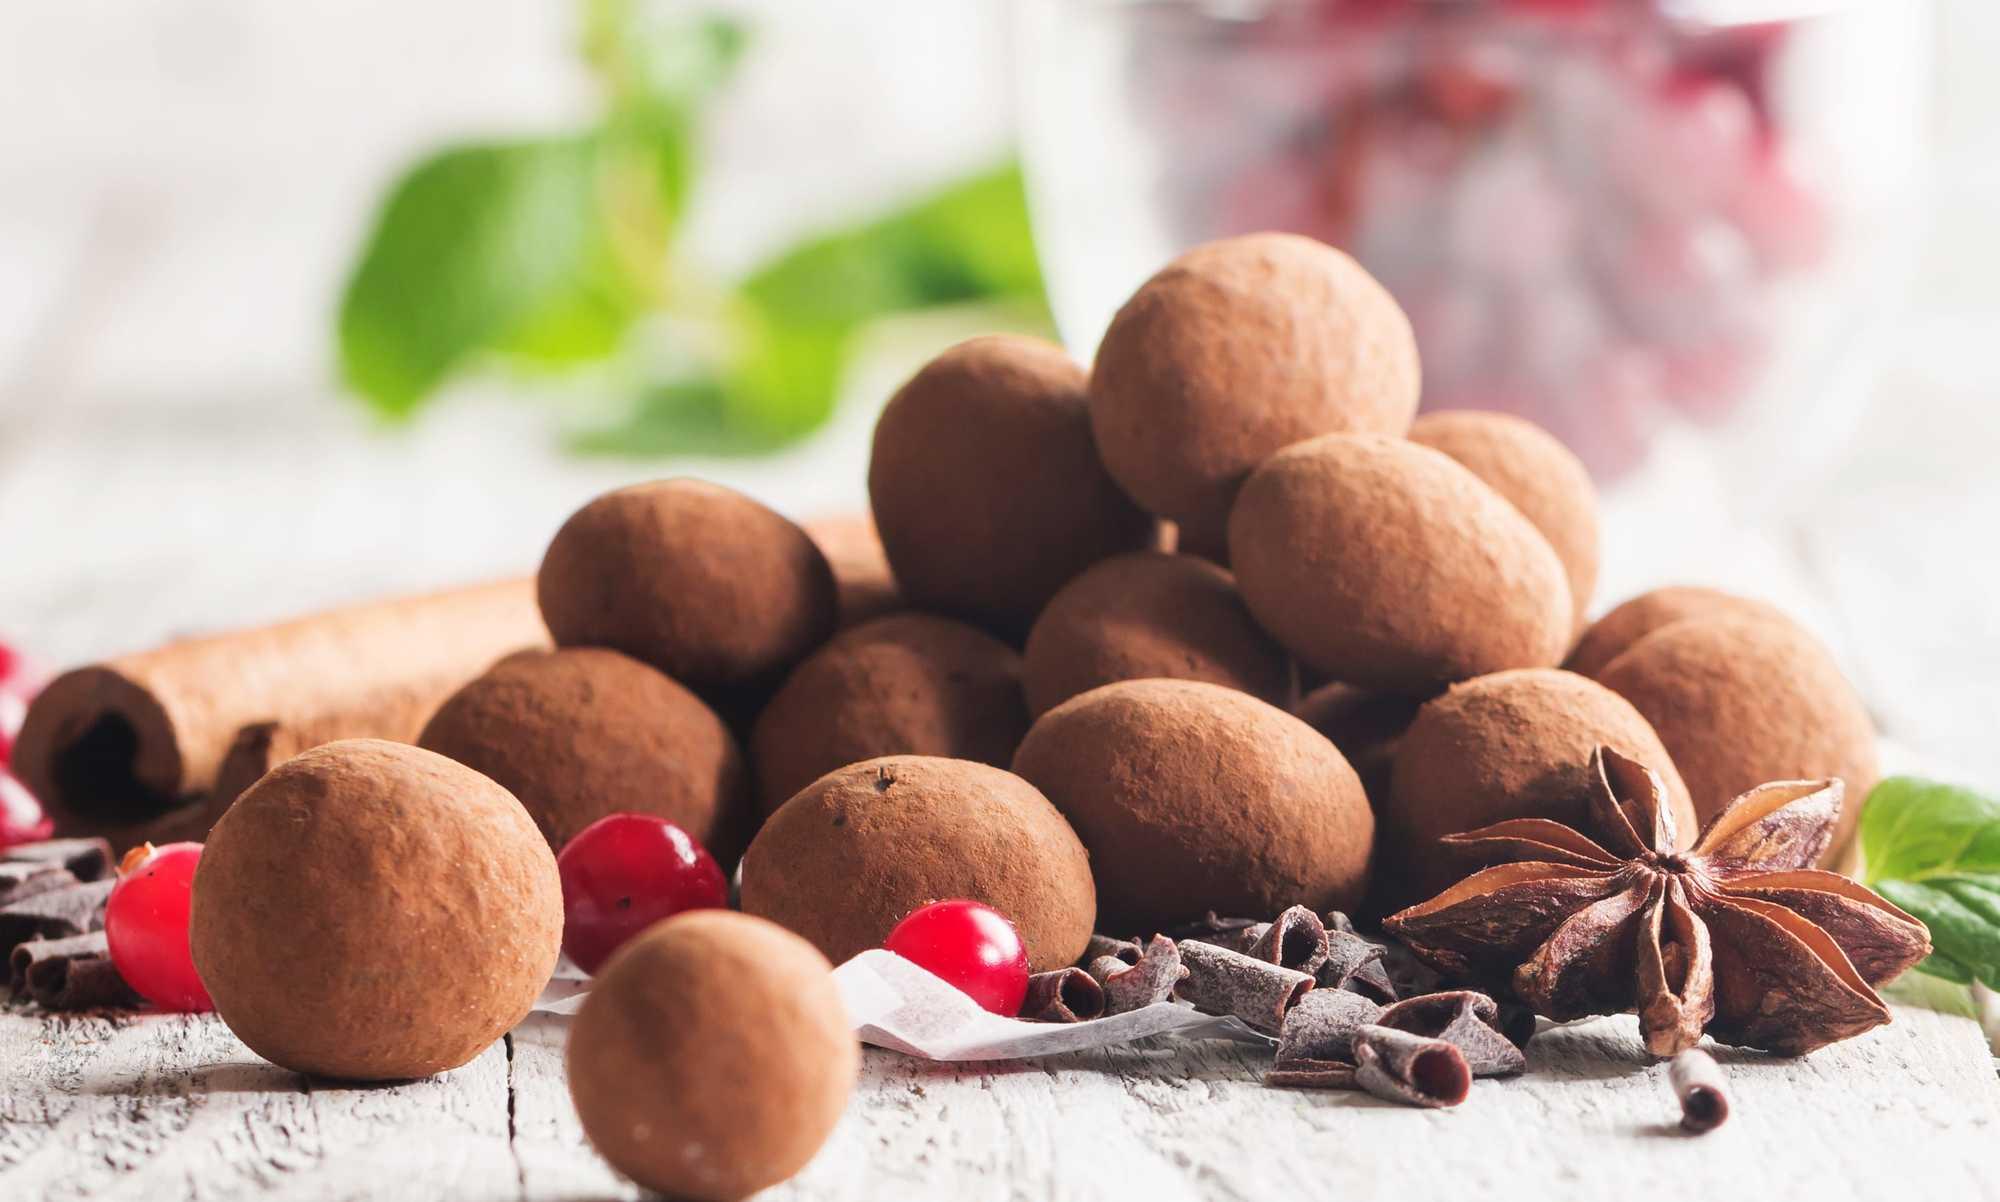 De jolies truffes au chocolat et cacahuète à l'aspect légèrement satiné sont prêtes à être consommées